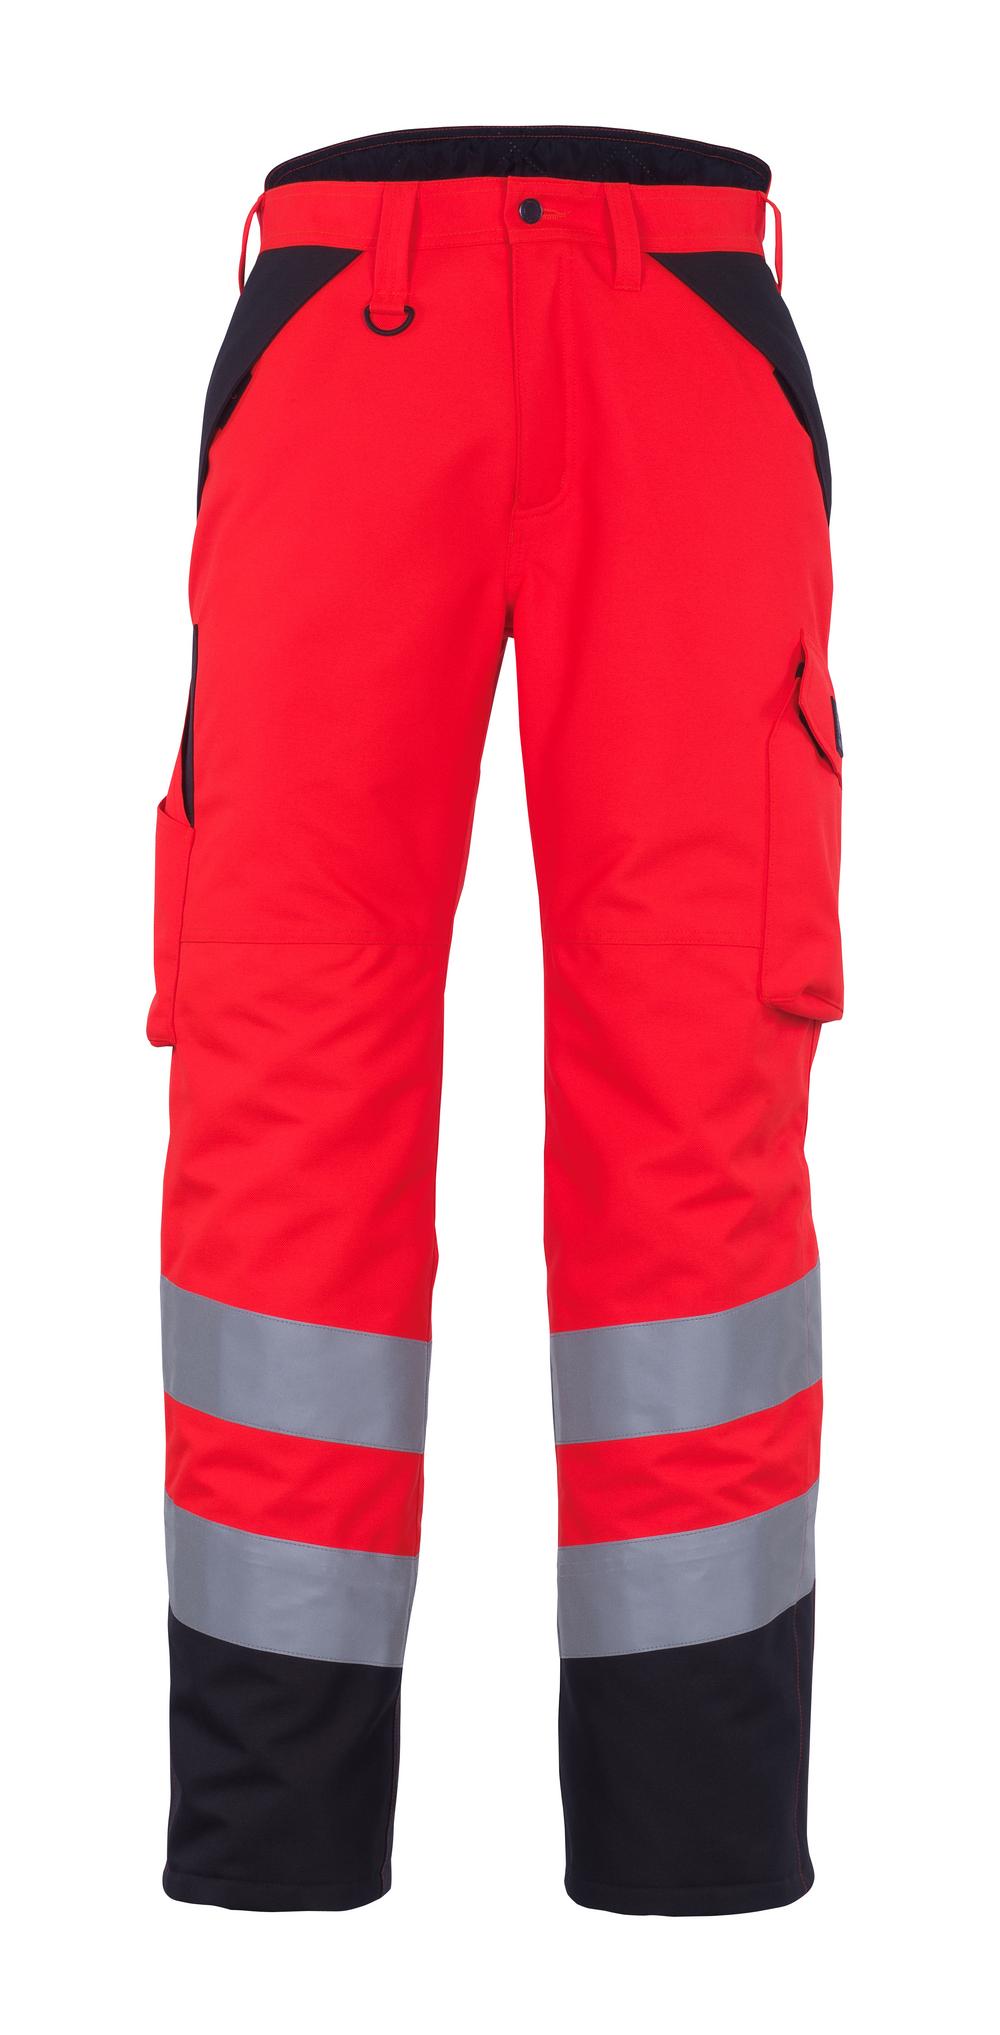 11090-025-A49 Pantaloni antifreddo - rosso hi-vis/antracite scuro